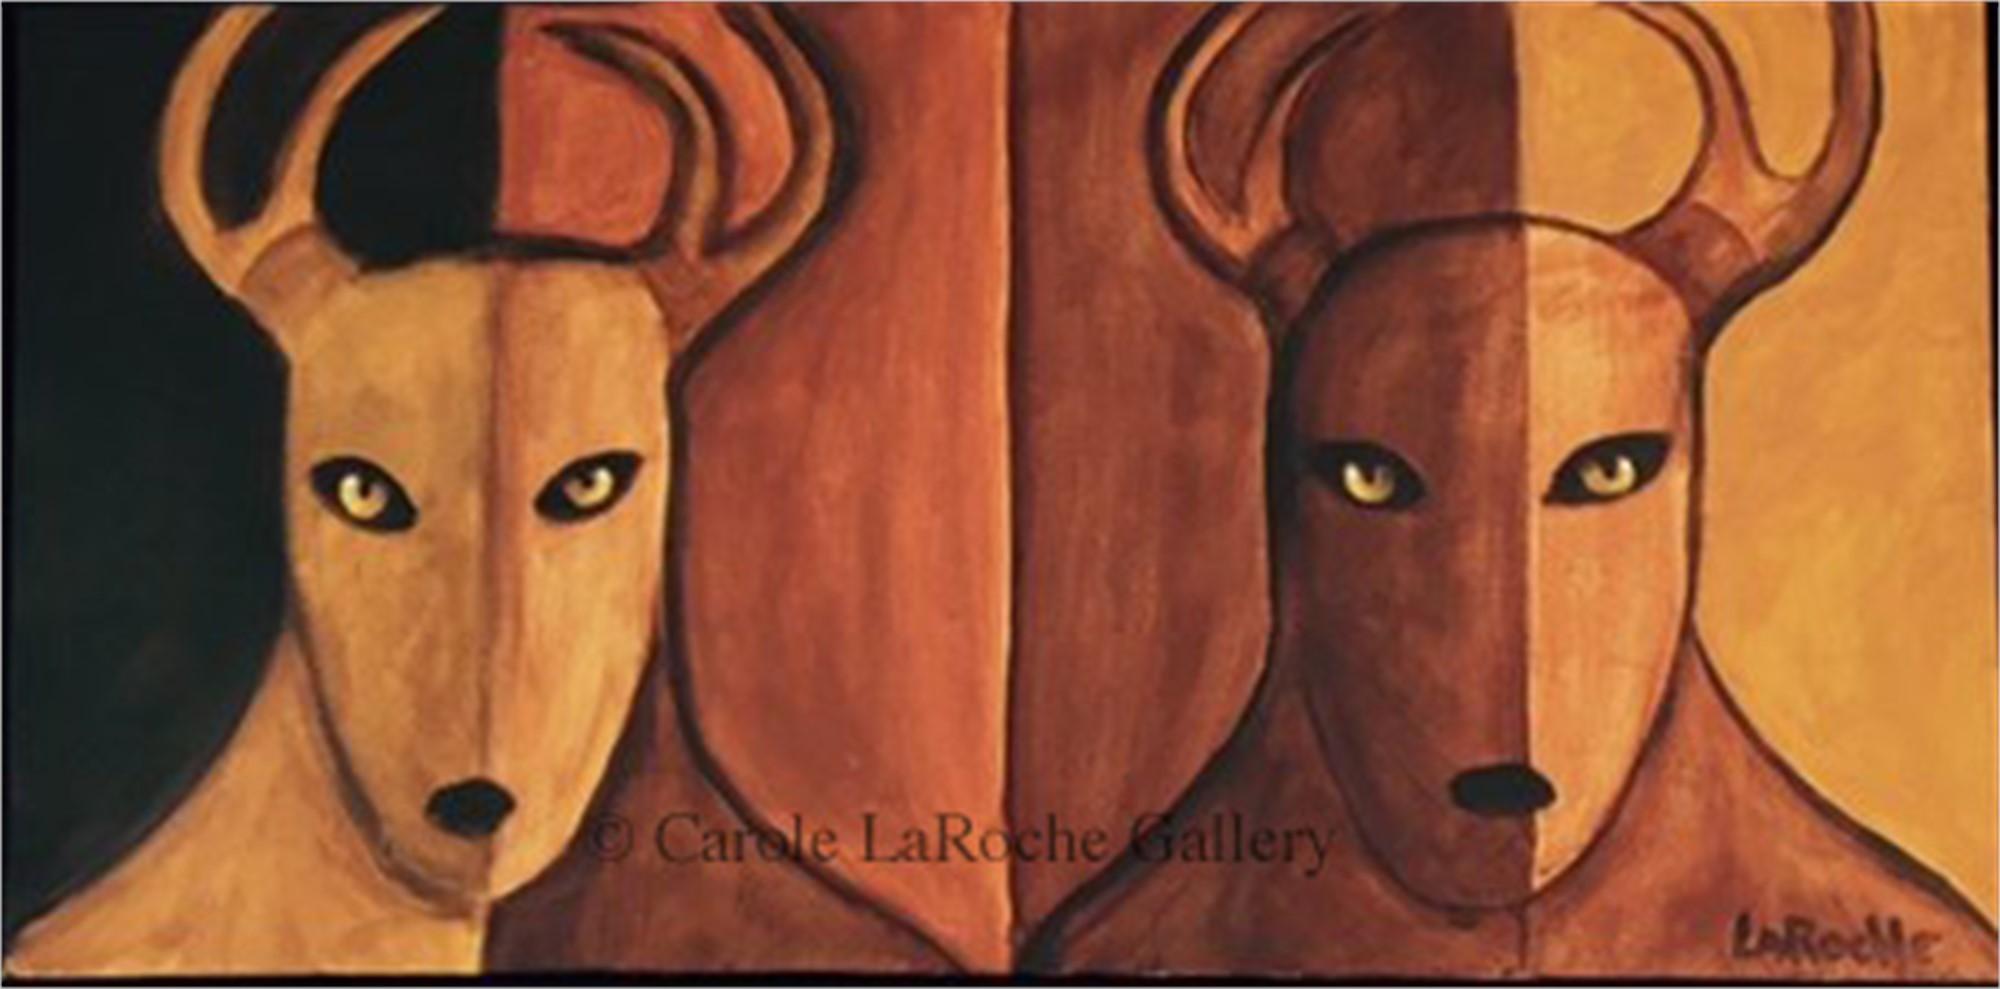 SHADOW DEER by Carole LaRoche